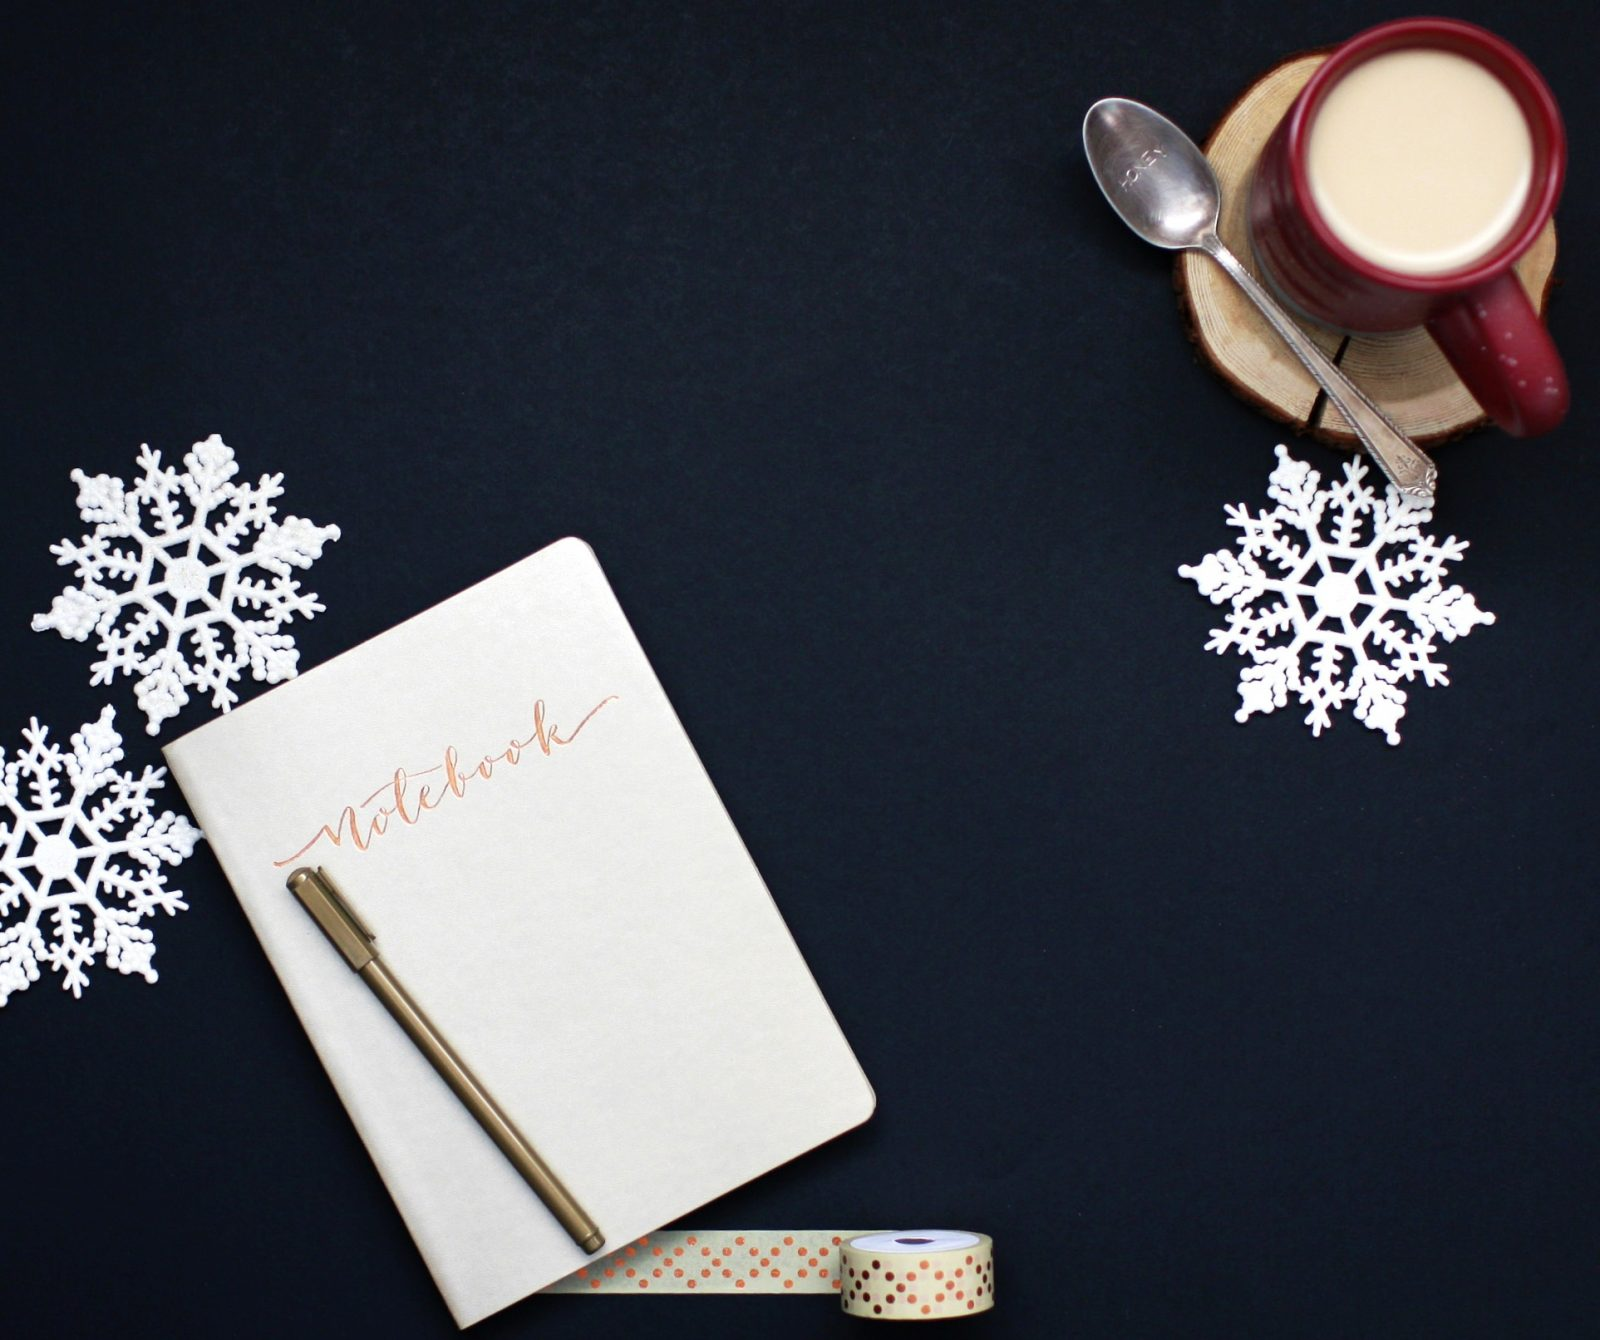 Kurze Weihnachtswünsche Für Kunden.Post Zu Weihnachten Durch Grußkarten Die Bindung Zu Den Kunden Stärken